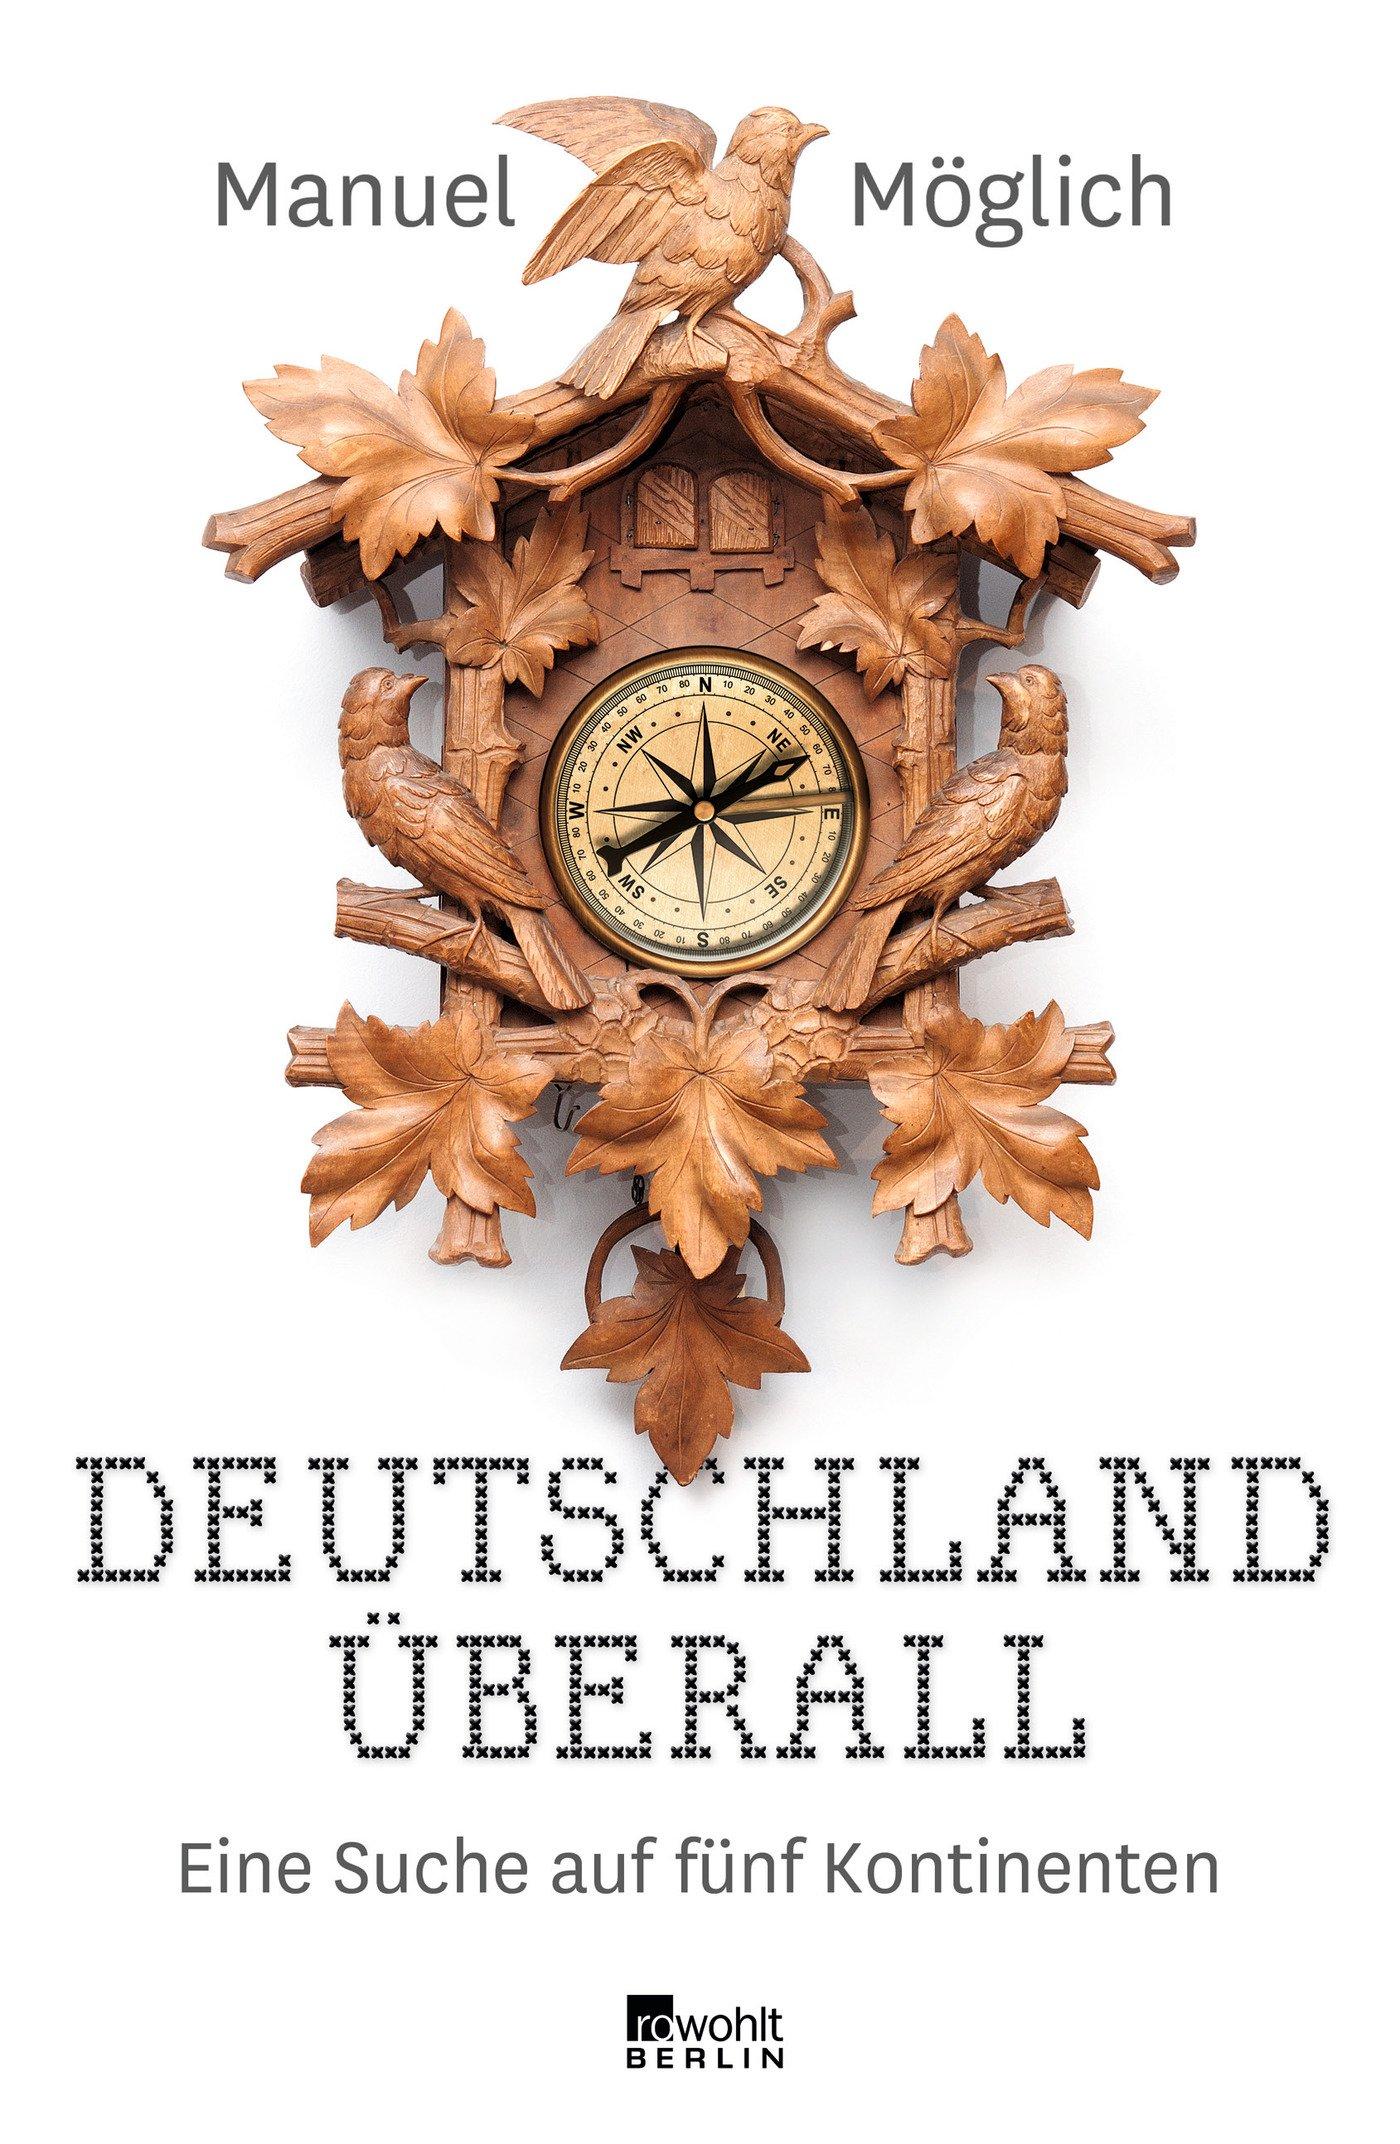 Deutschland überall: Eine Suche auf fünf Kontinenten